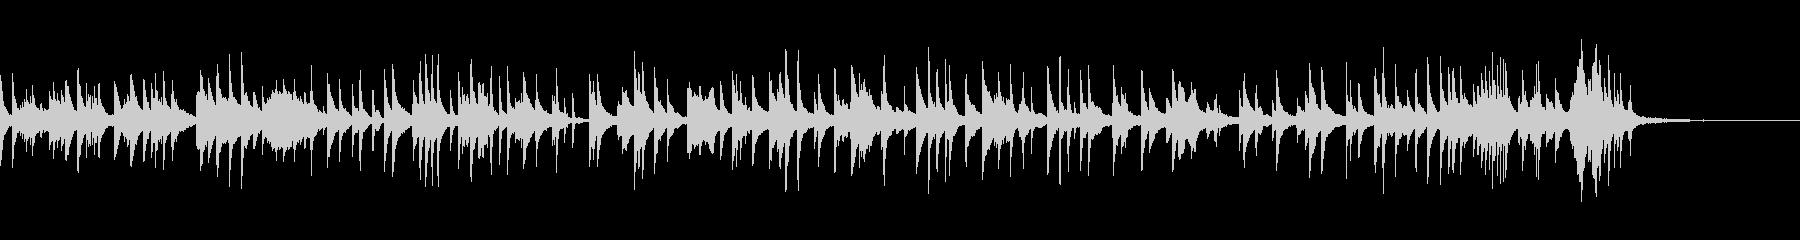 癒しのピアノソロ3の未再生の波形